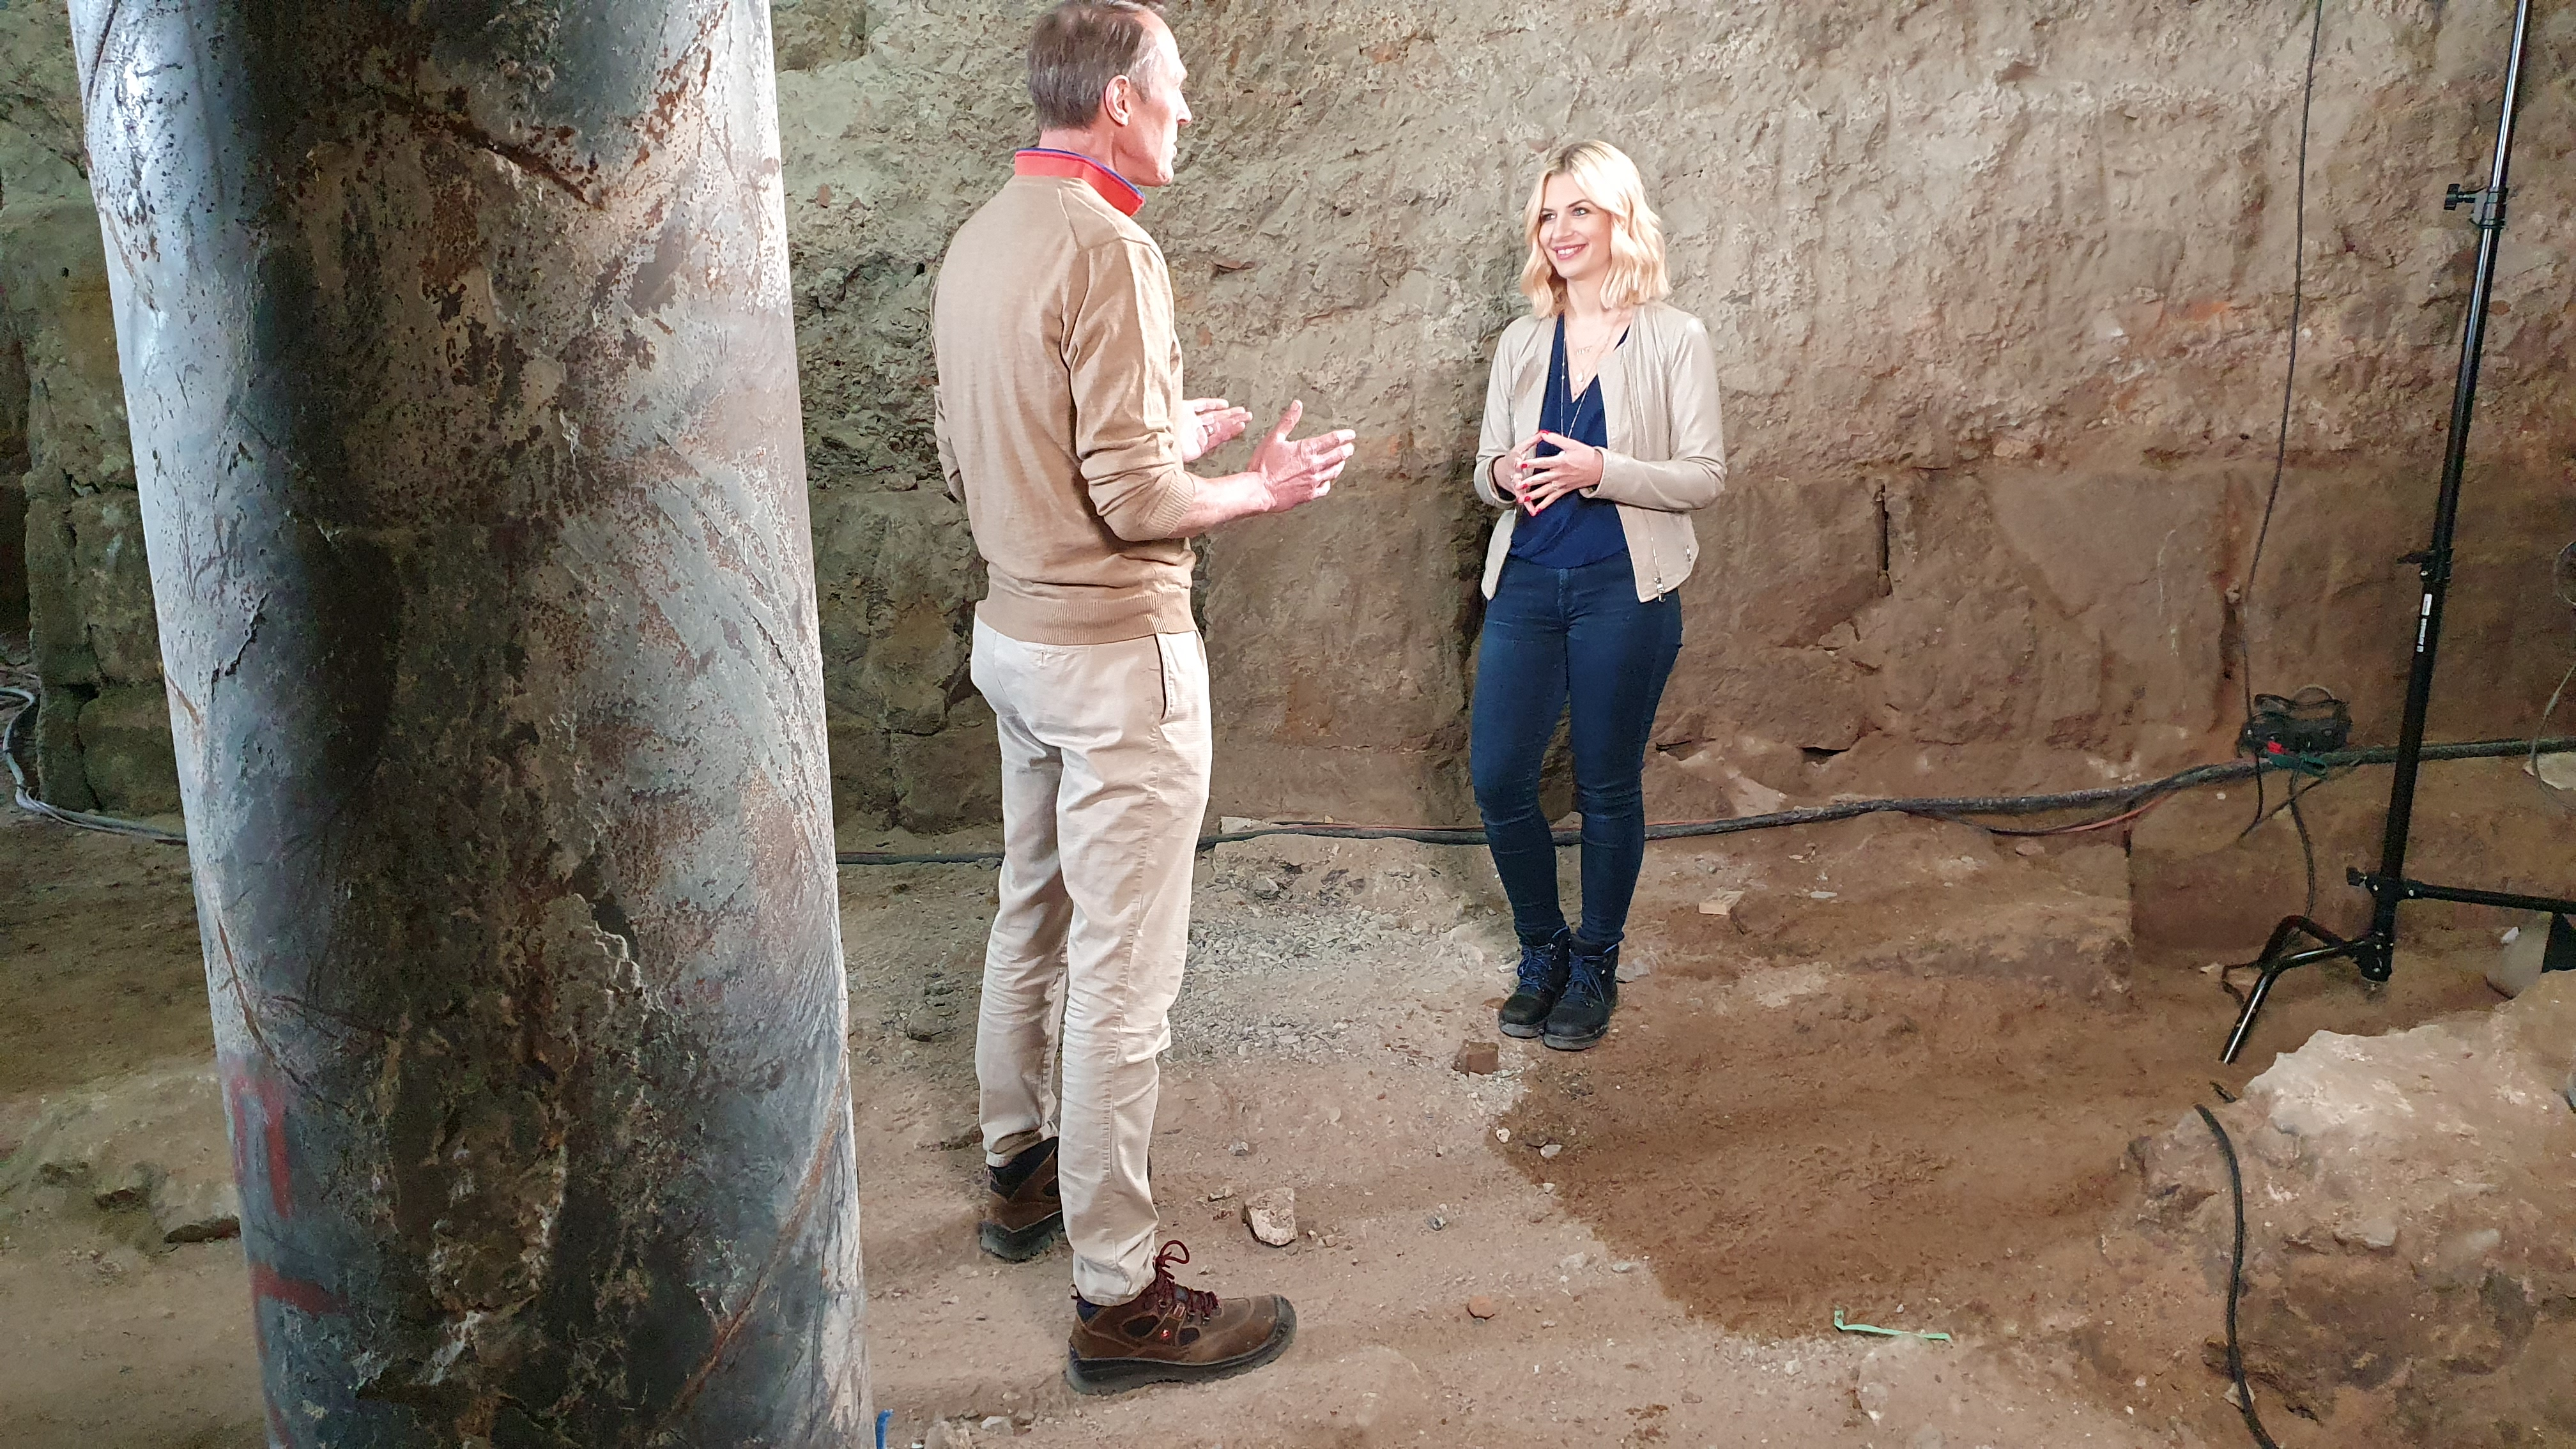 Interviewsituation: Links im Bild Mann mit beige-farbenem Pullover. Frau mit blonden Haaren und beige-farbener Jacke rechts im Bild. Seitliche Perspektive.